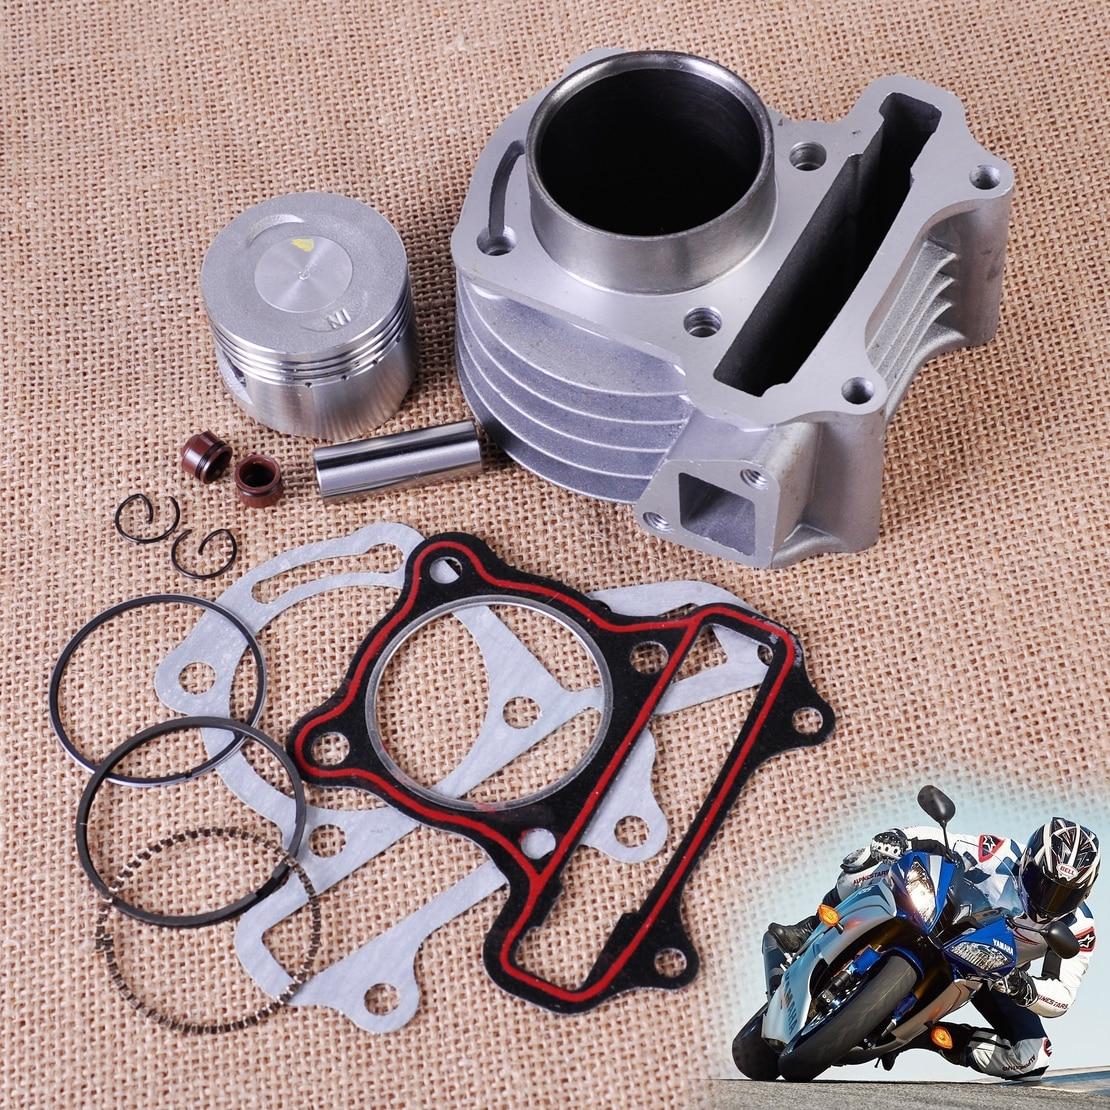 GOOFIT 47mm Cylinder Complete Gasket Set for 70cc Scooter Dirt Bike